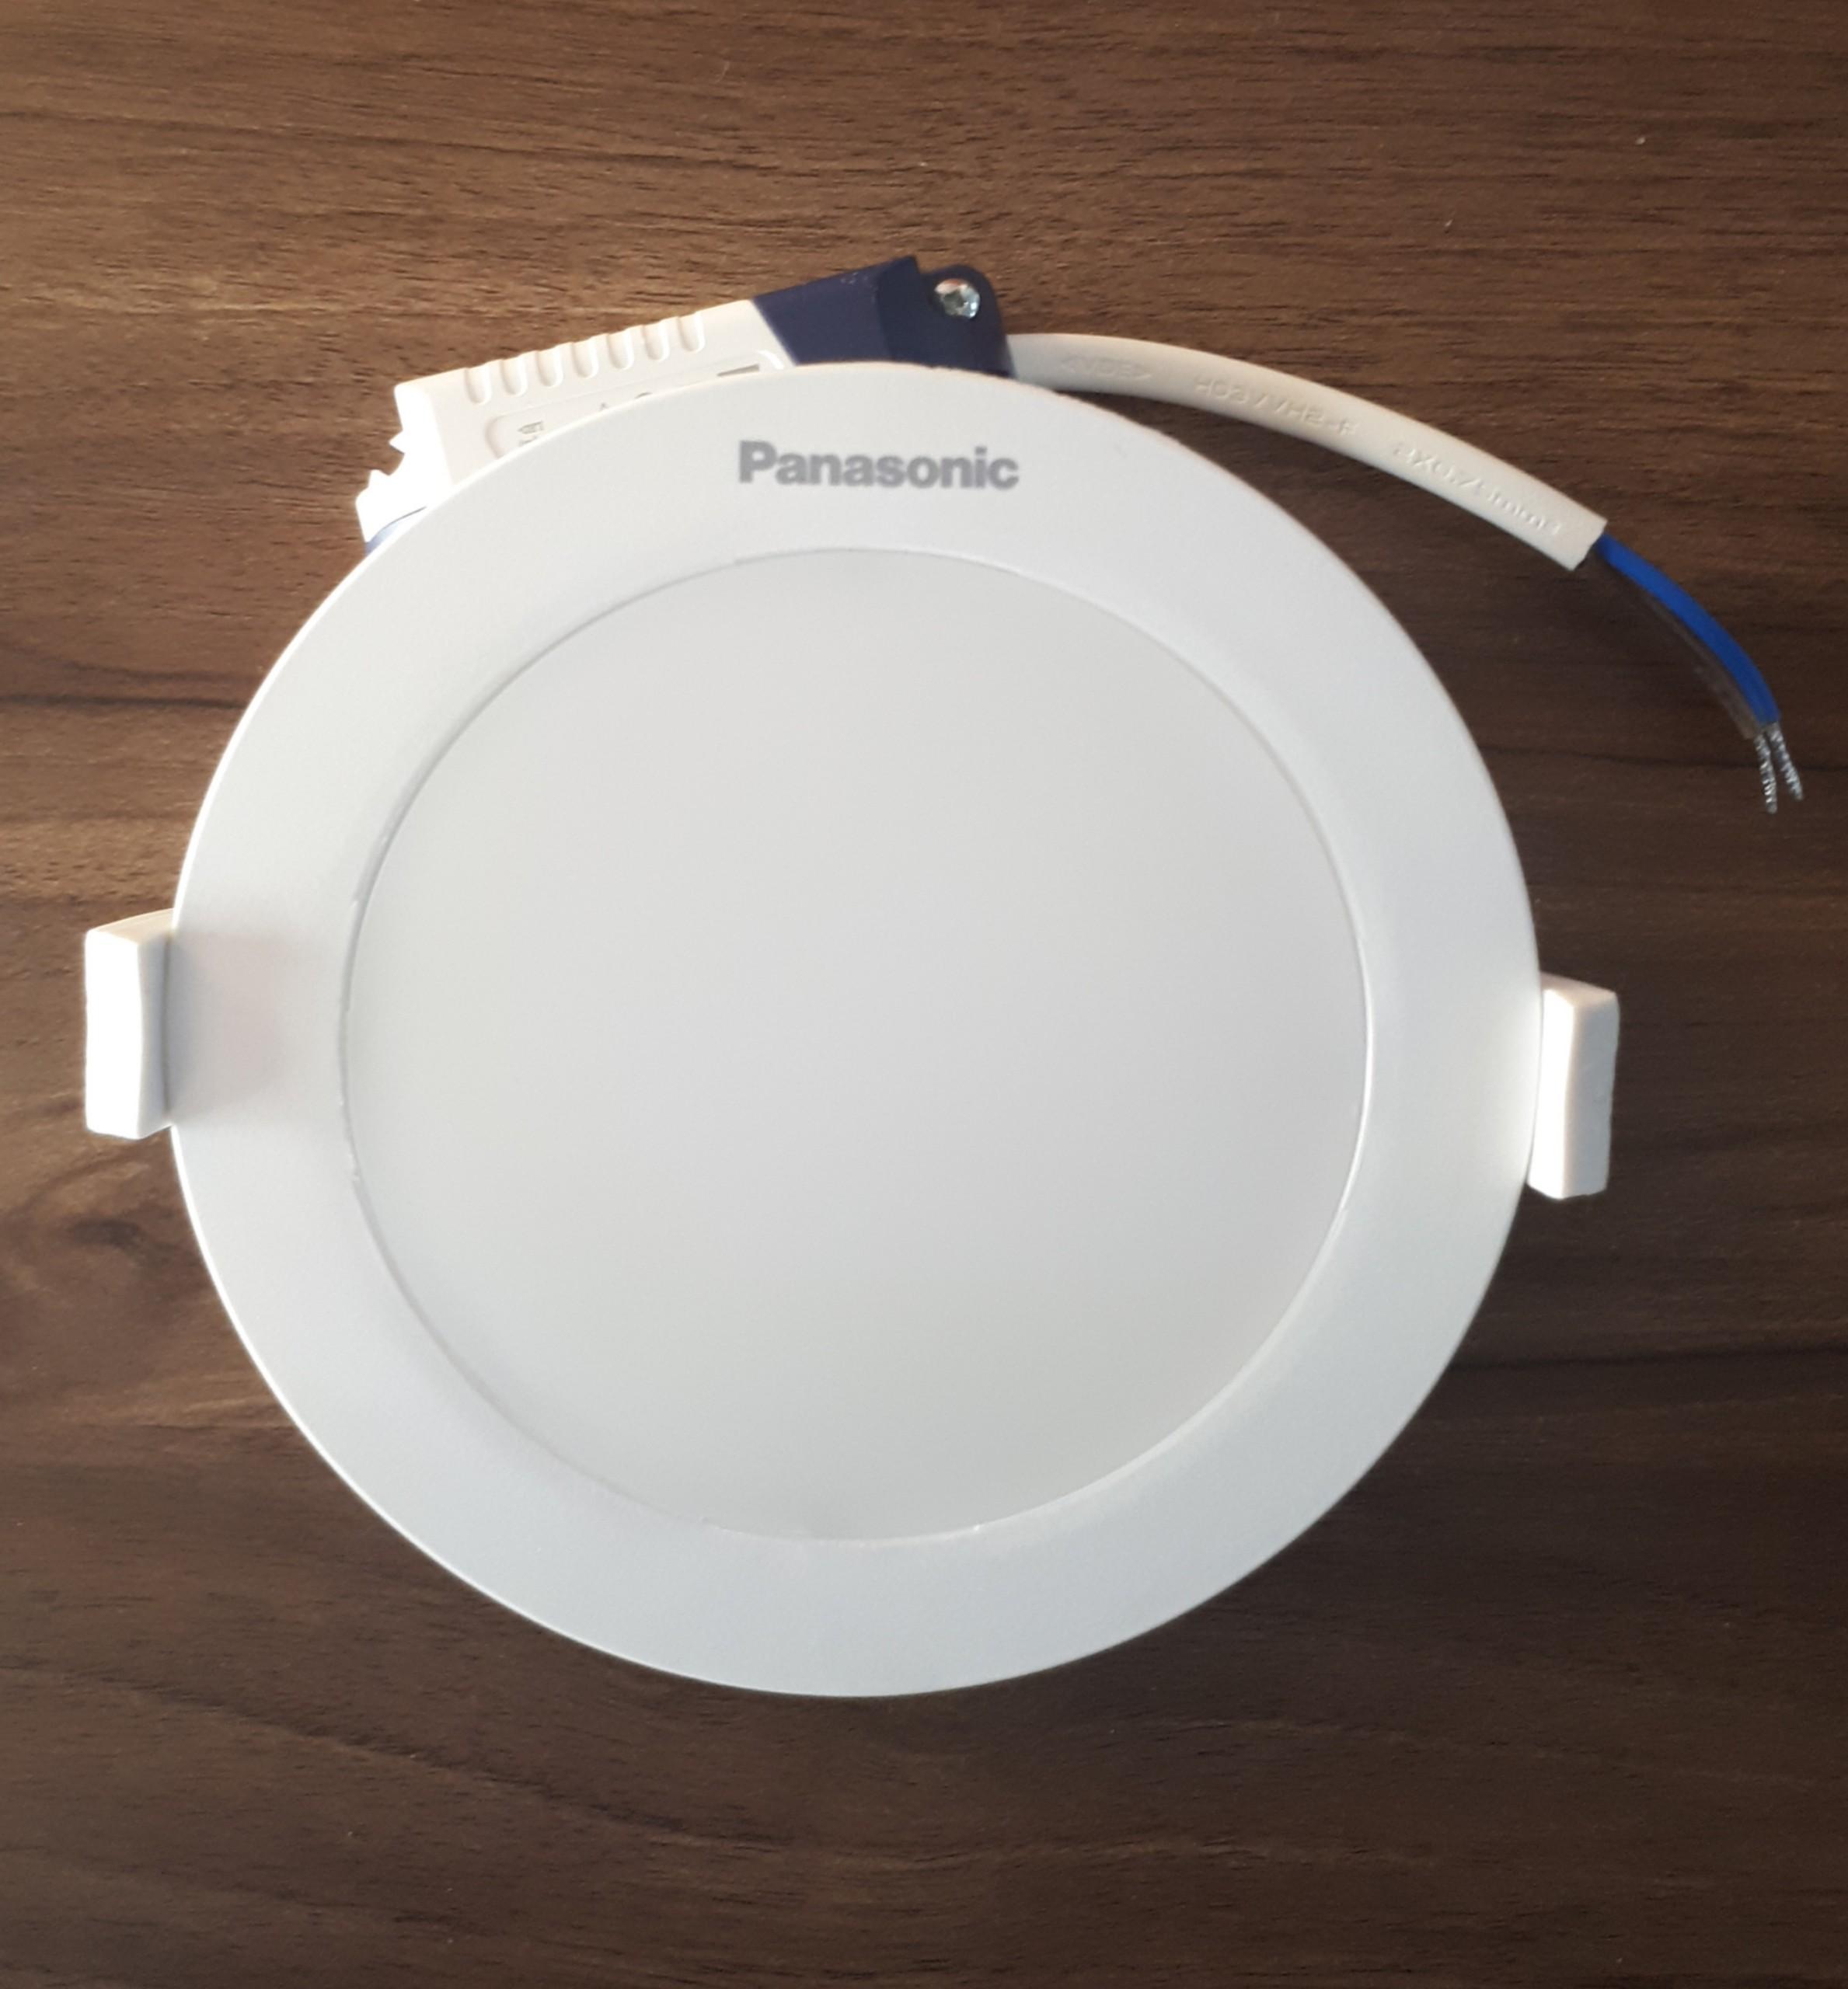 Đèn Downlight âm Trần 6W Panasonic NNP71278 Ánh Sáng Trắng Giá Hot Siêu Giảm tại Lazada